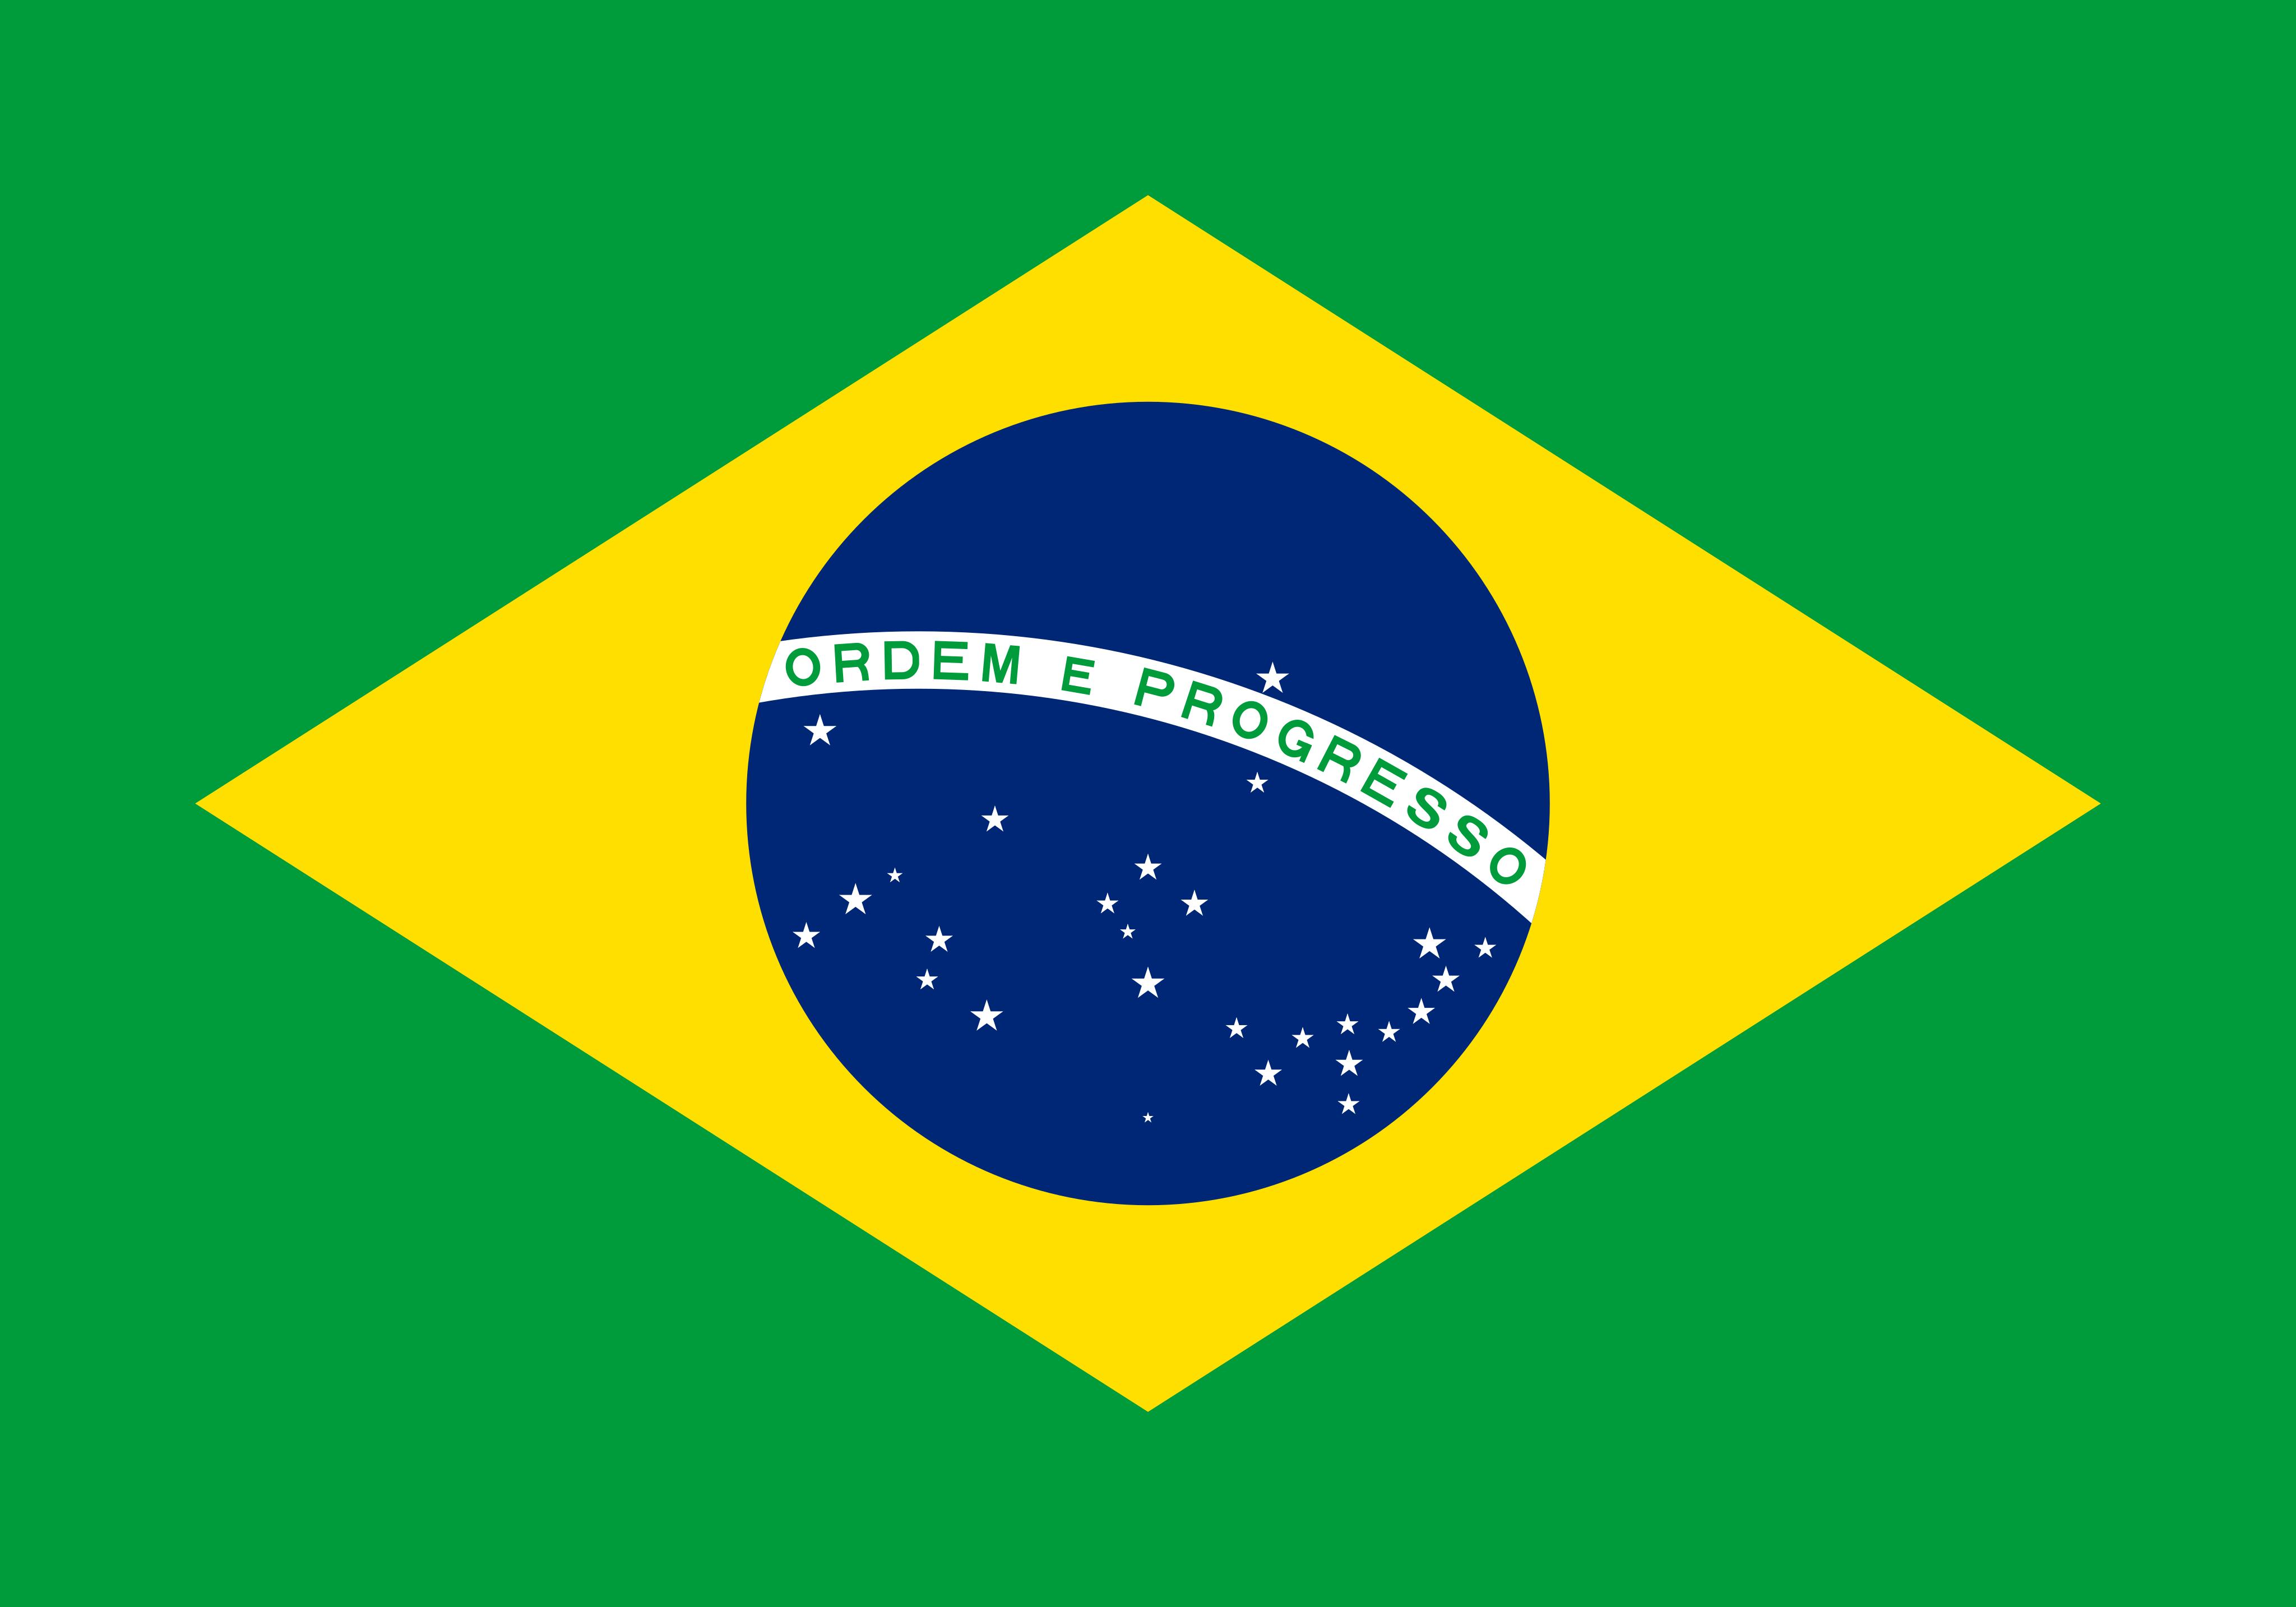 bandeira do brasil 1 - Bandeira do Brasil